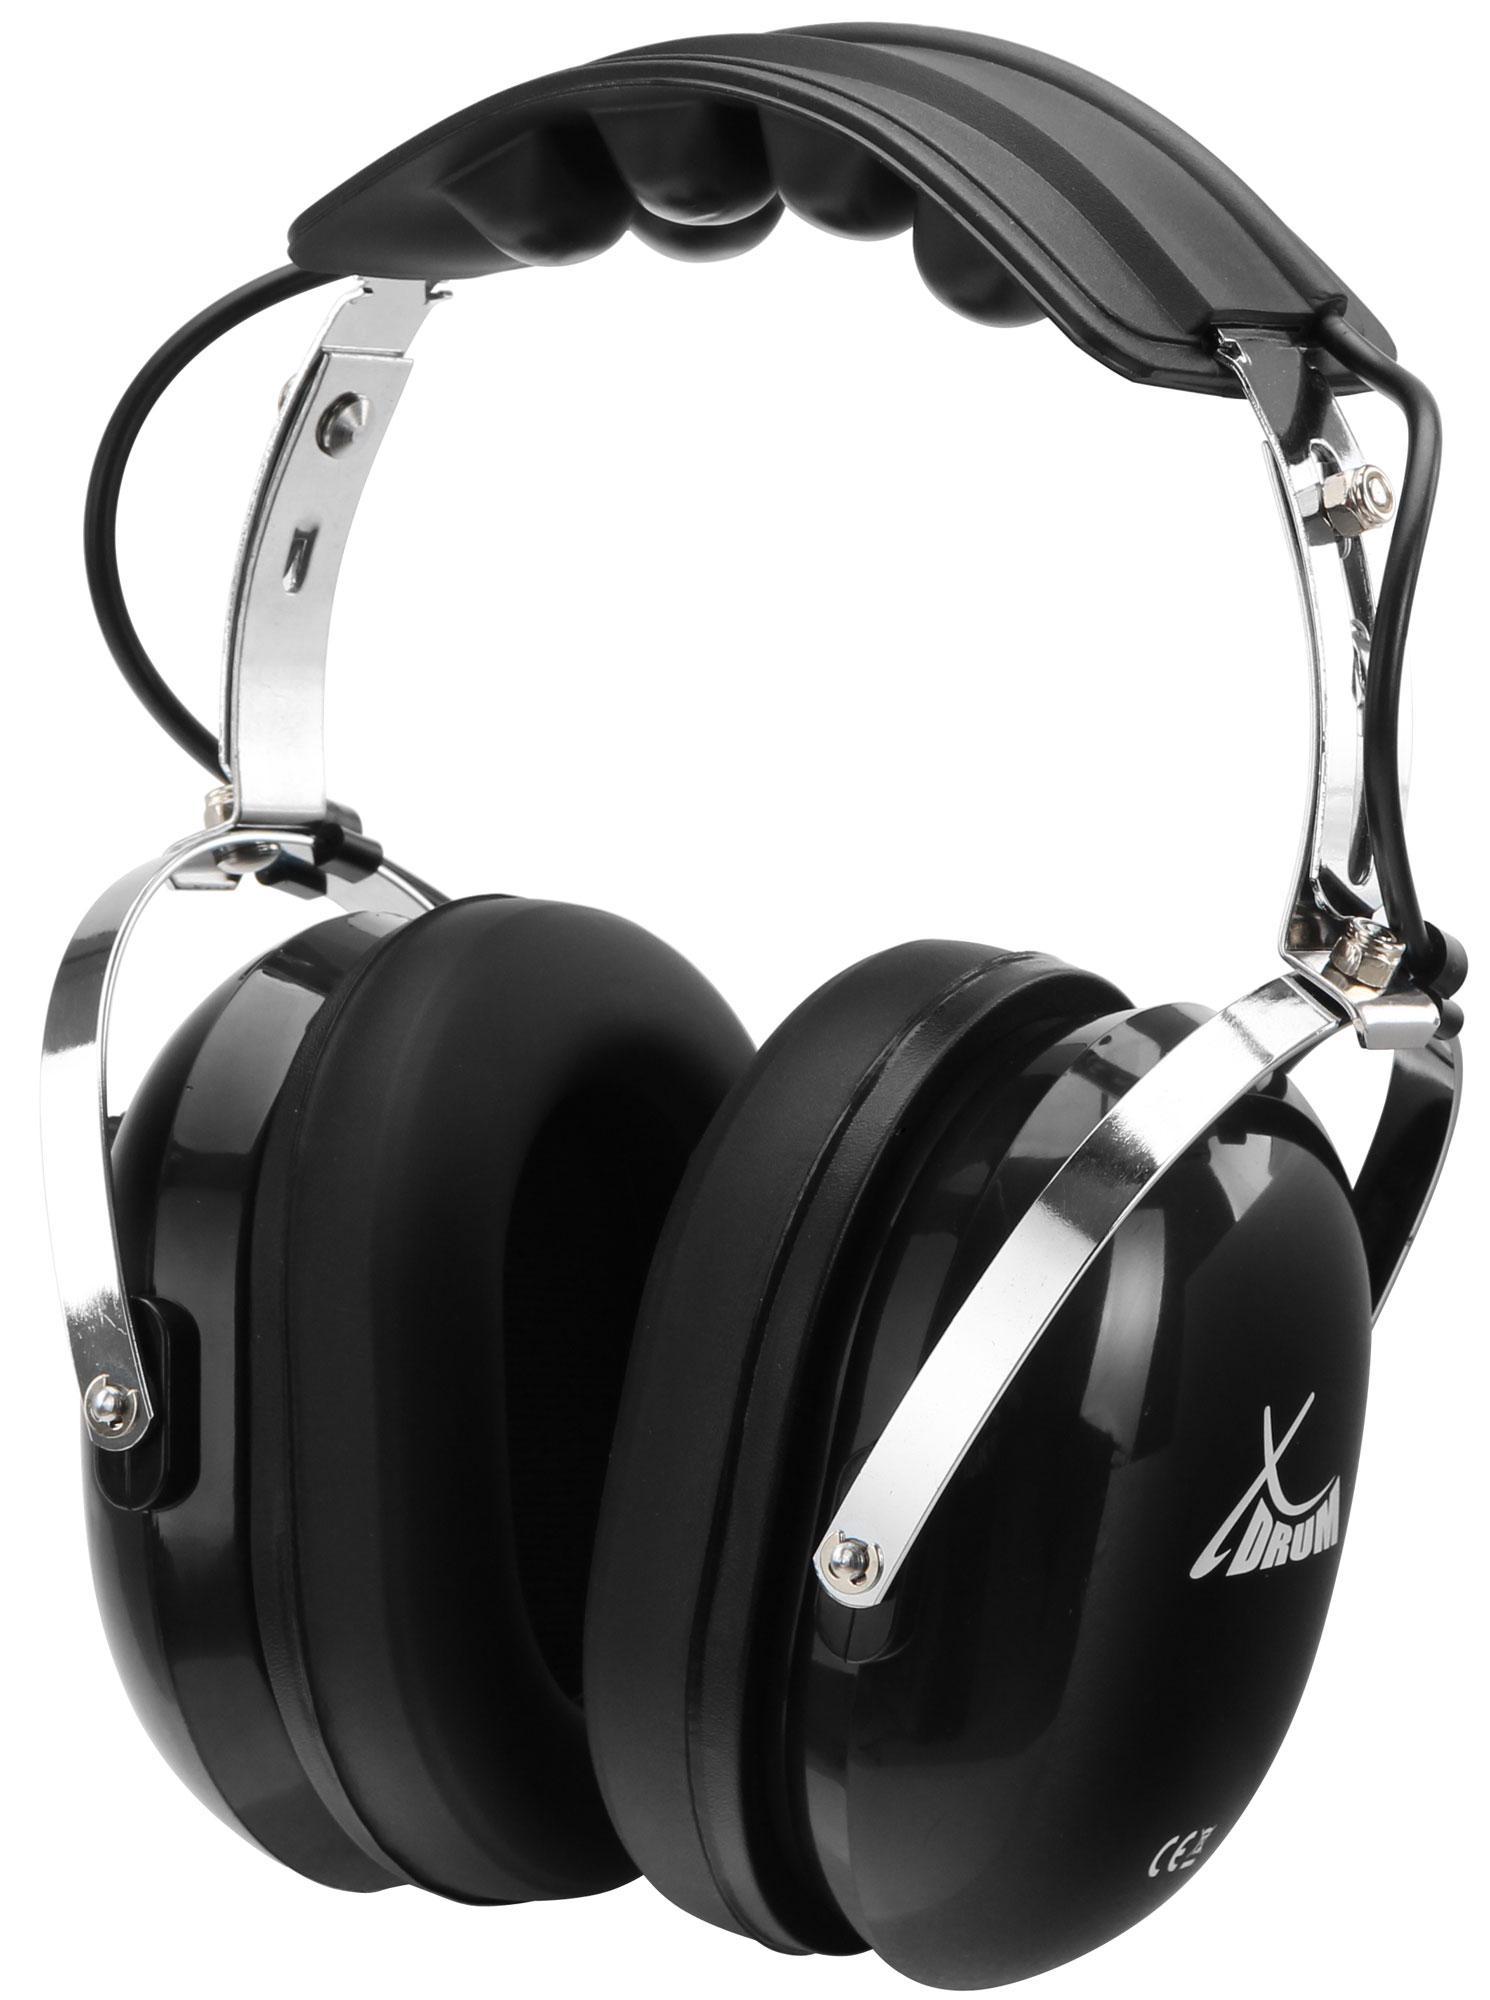 XDrum IH-1 Stereo cuffie antirumore - Icon 3 ... e74c82199dd3